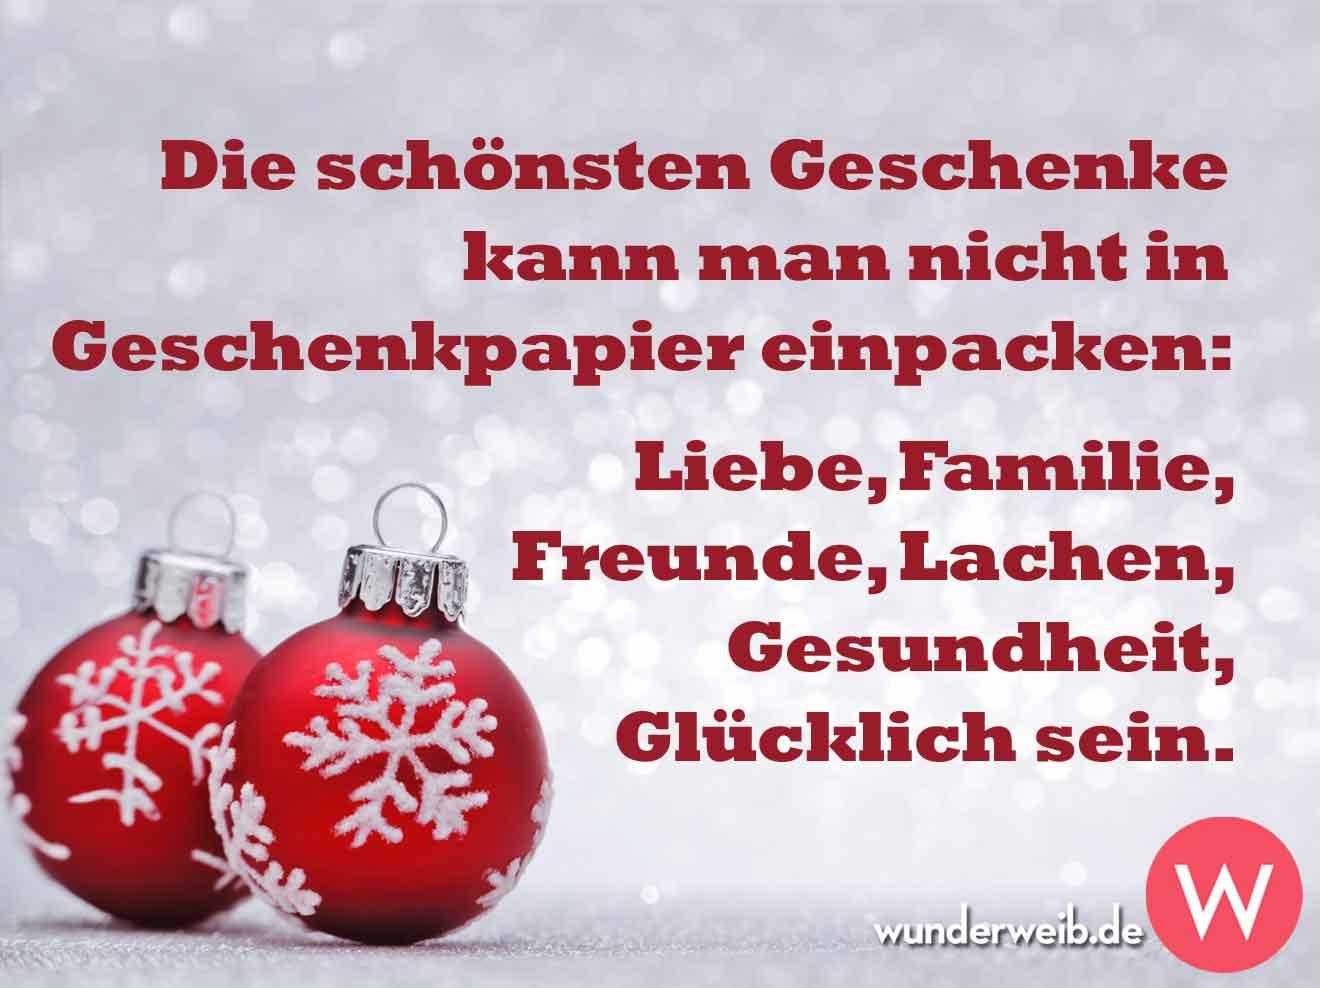 Sprüche Zu Weihnachten: Lustig, Schön Und Besinnlich mit Schöne Weihnachtssprüche Für Die Familie